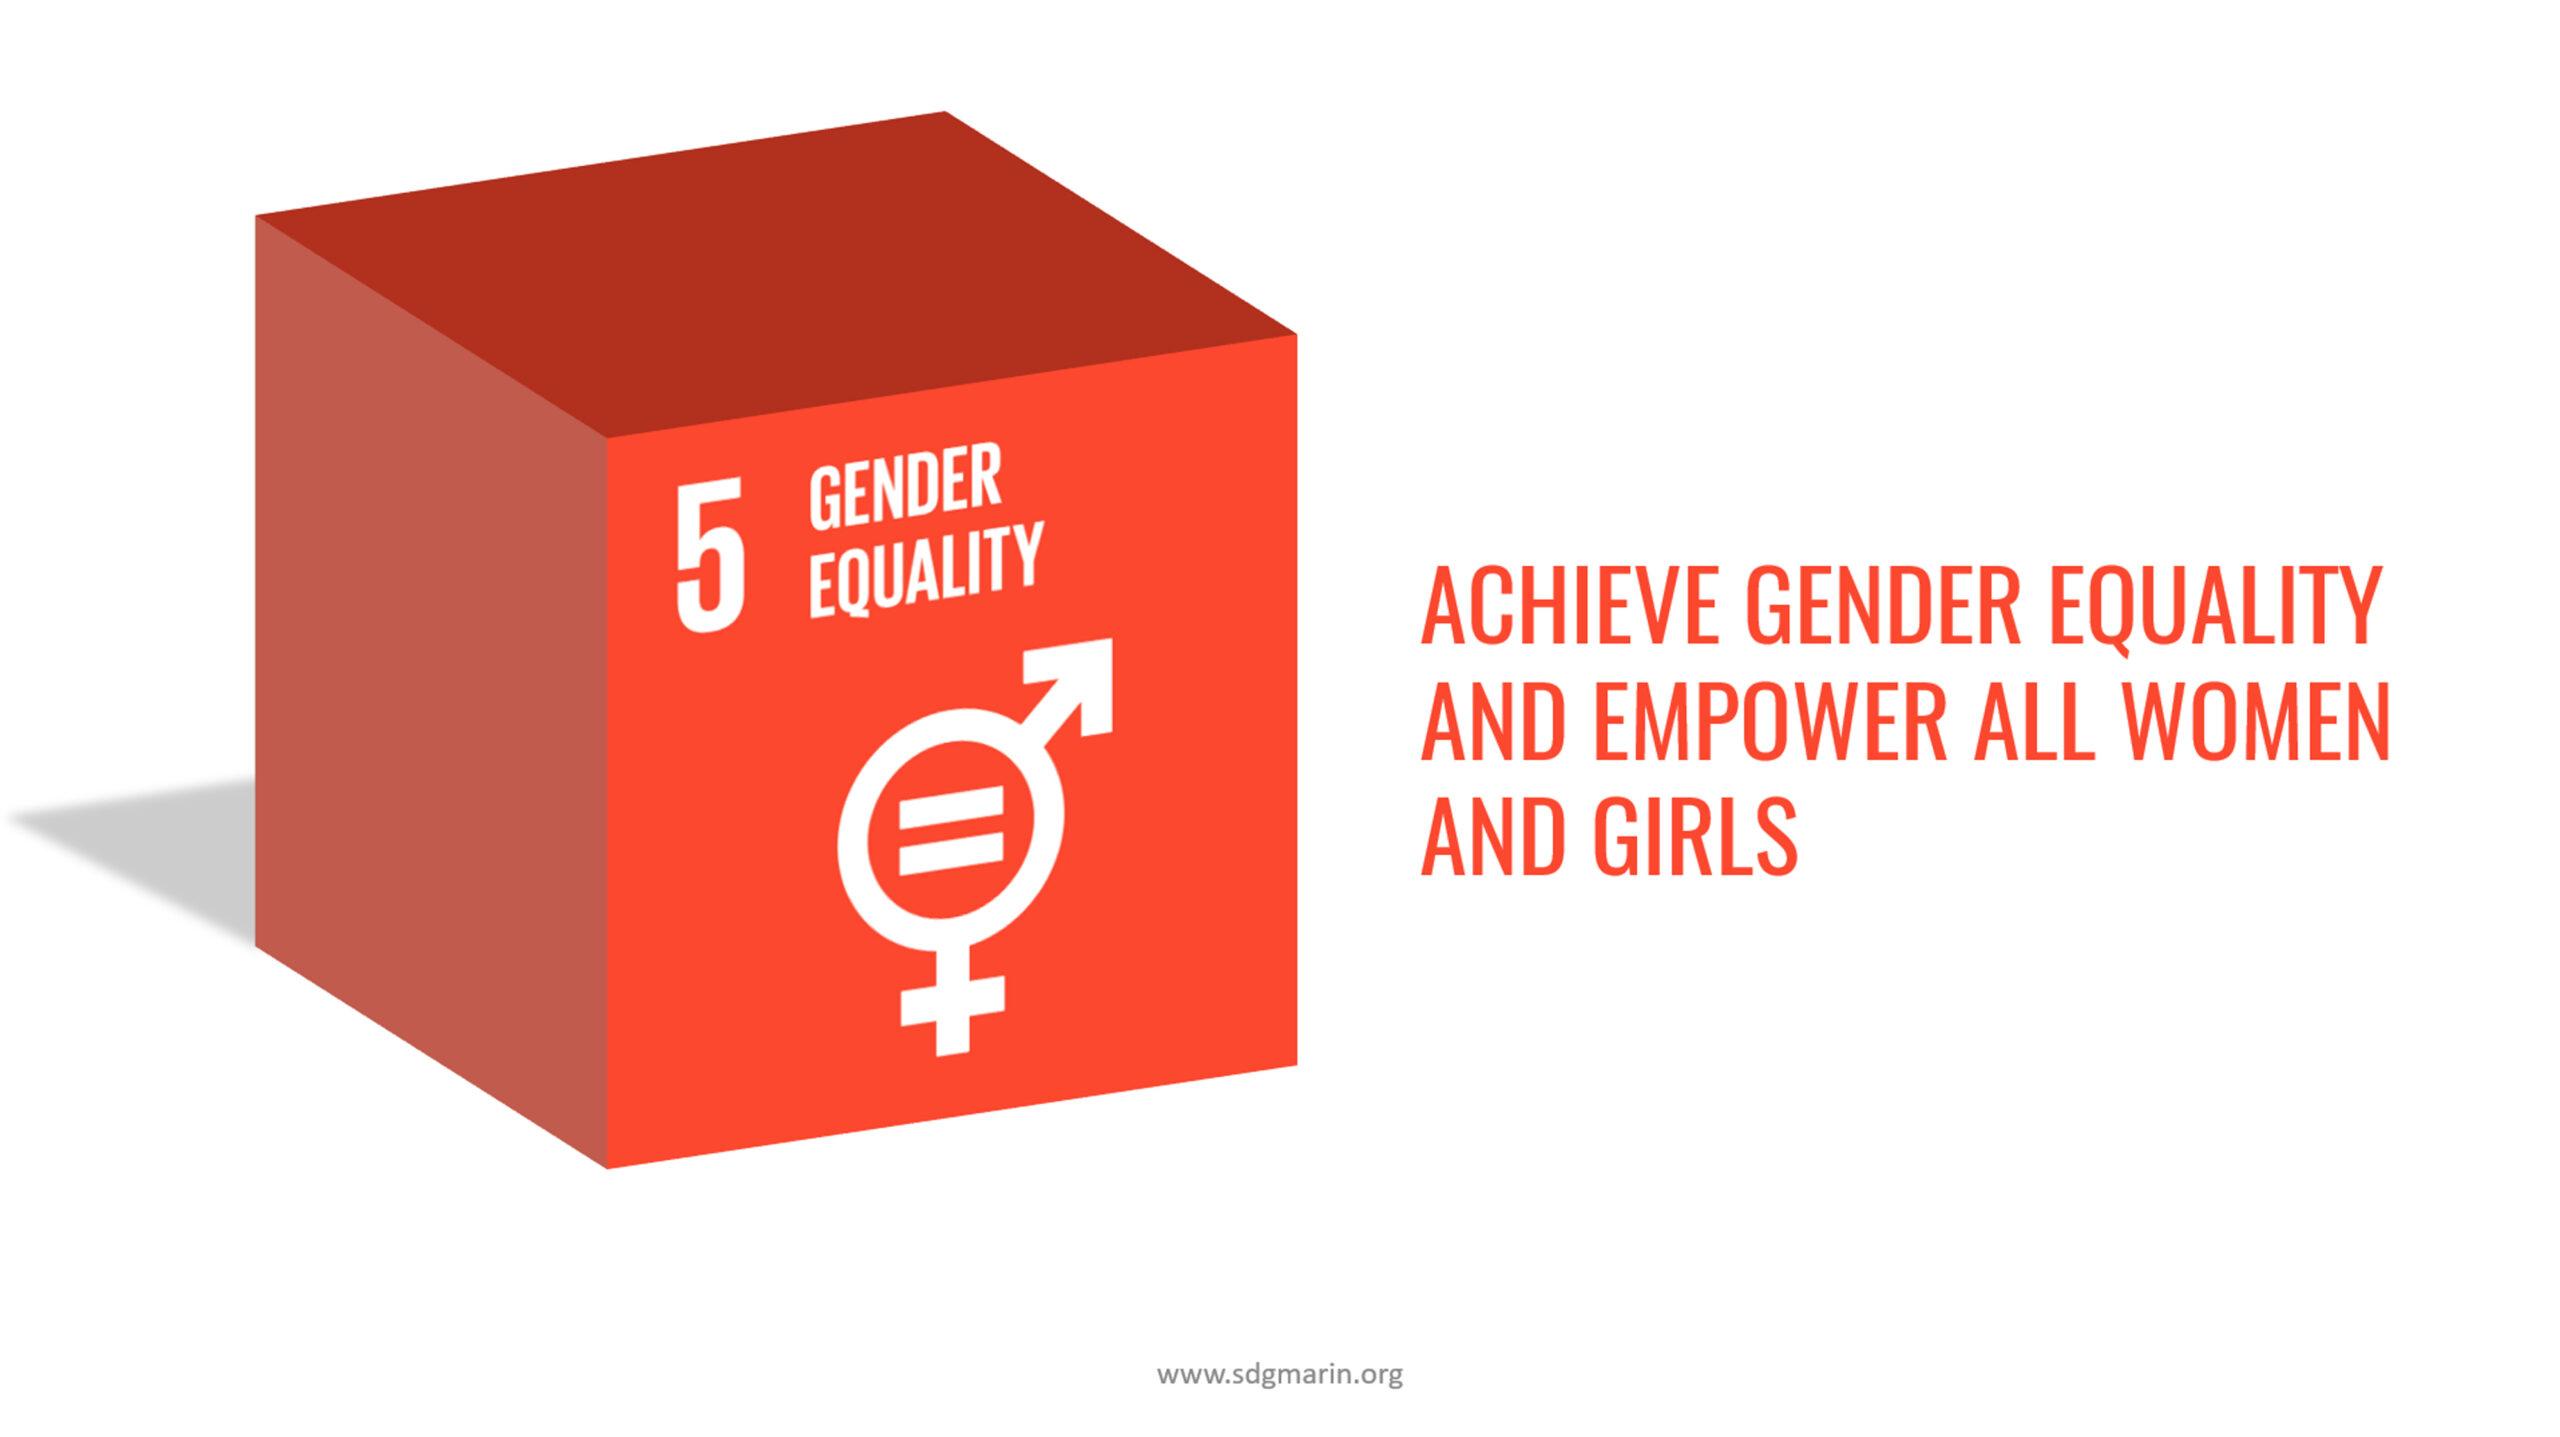 SDG #5 Gender Equality 3D Cube